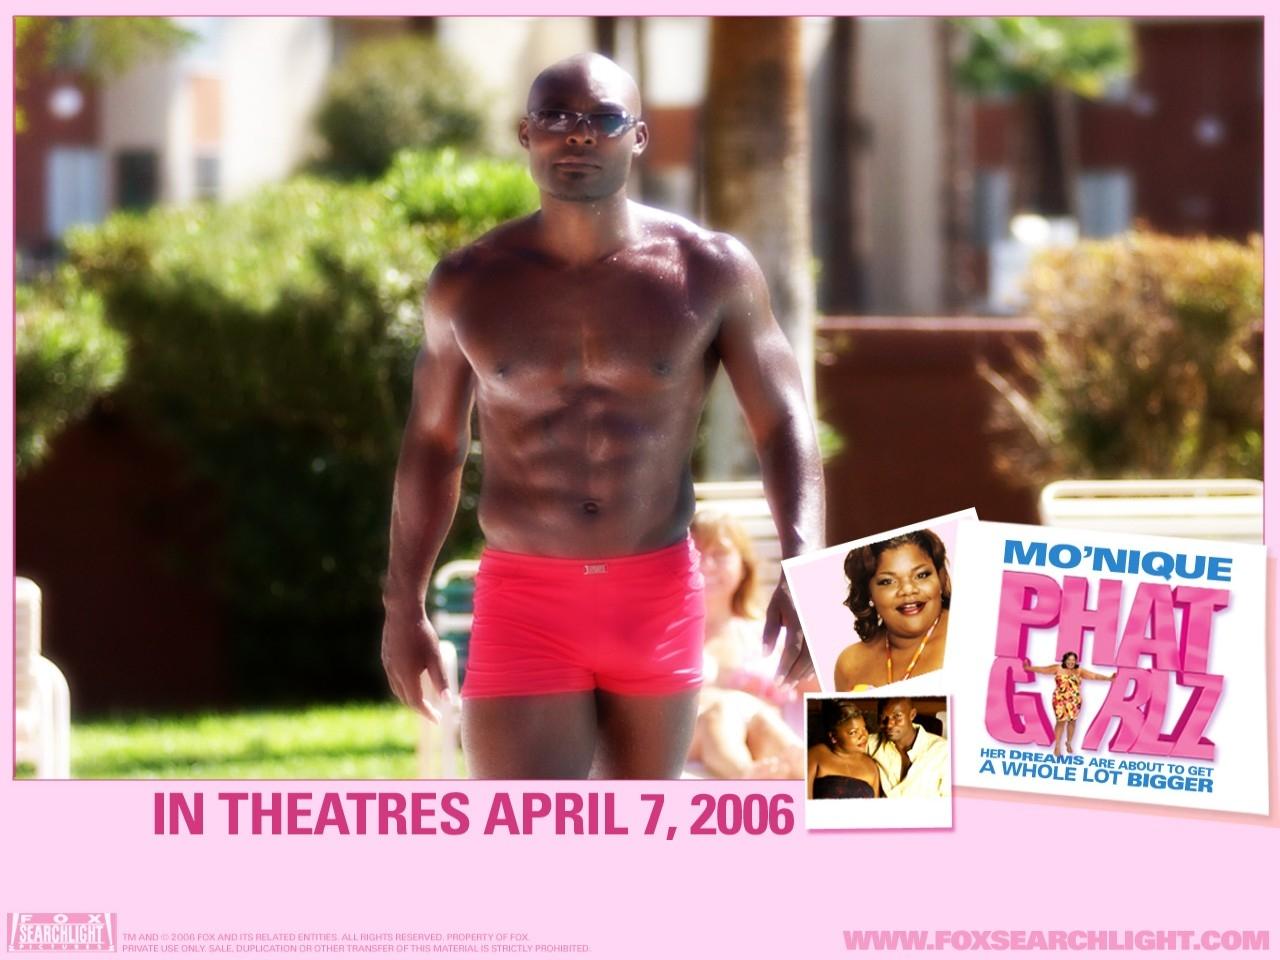 Wallpaper del film Phat Girlz con un prestante protagonista